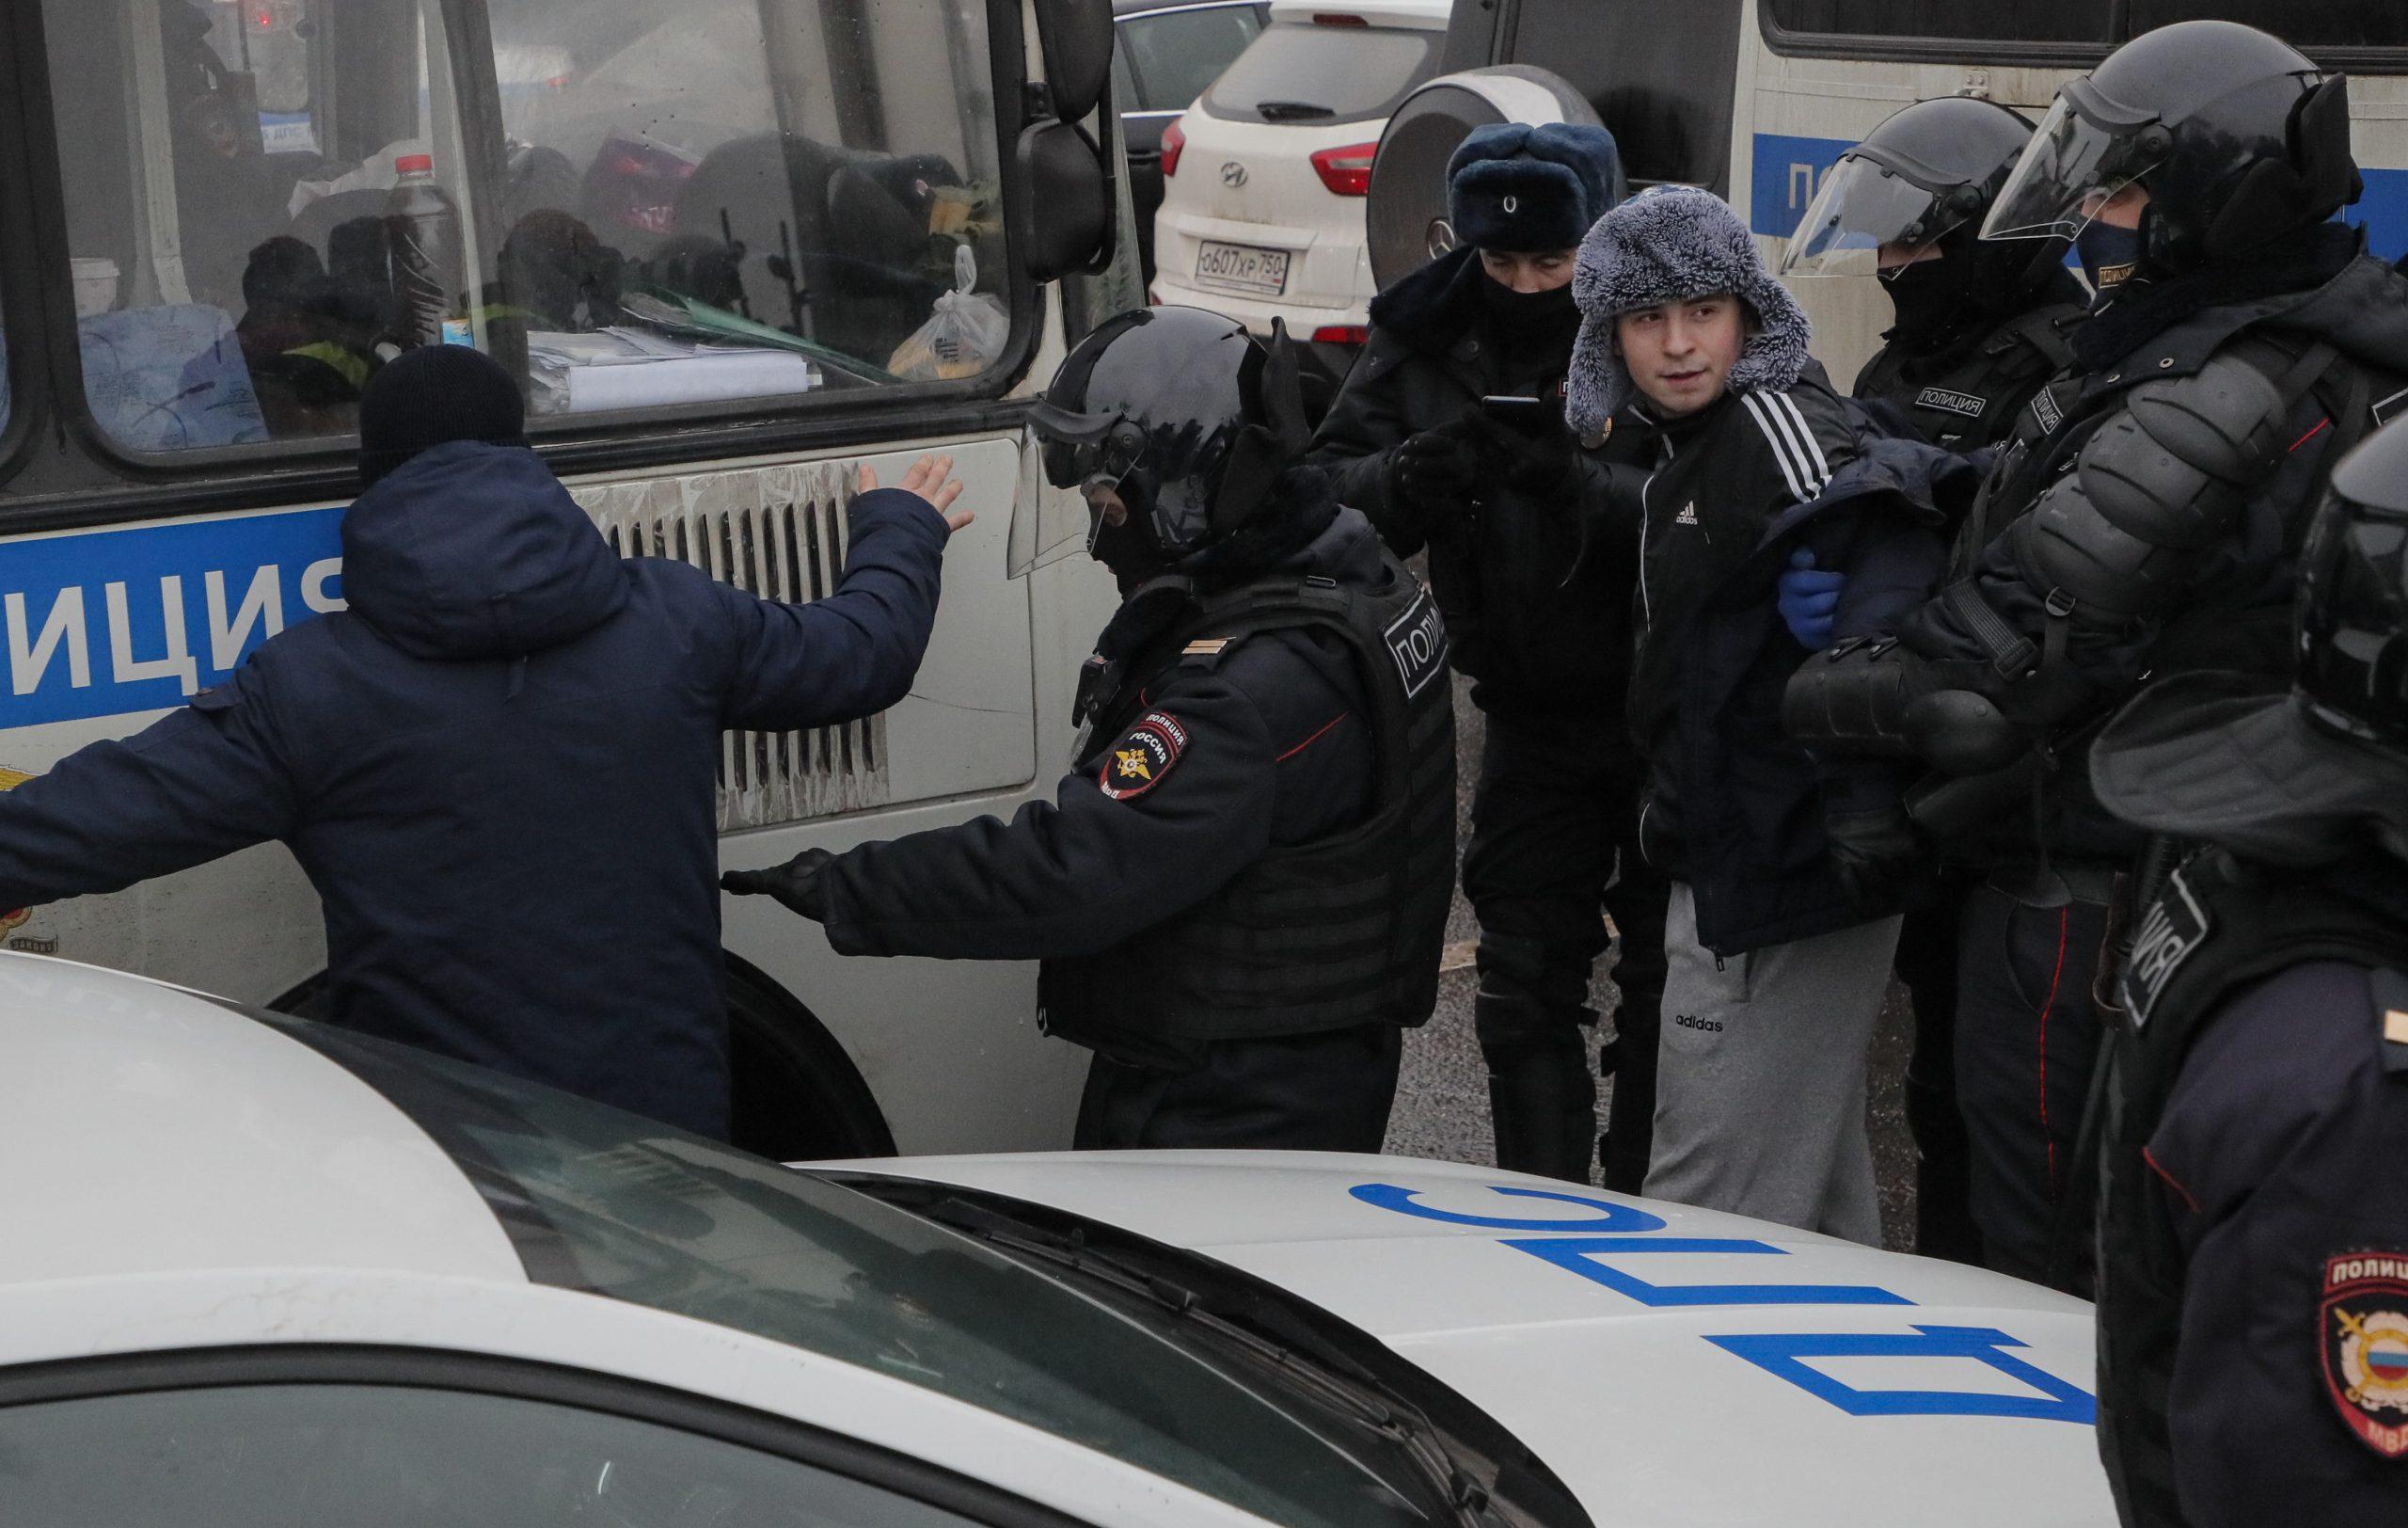 Ruska policija uhapsila više od 2.600 demonstranata koji traže oslobađanje Navaljnog (FOTO) 1